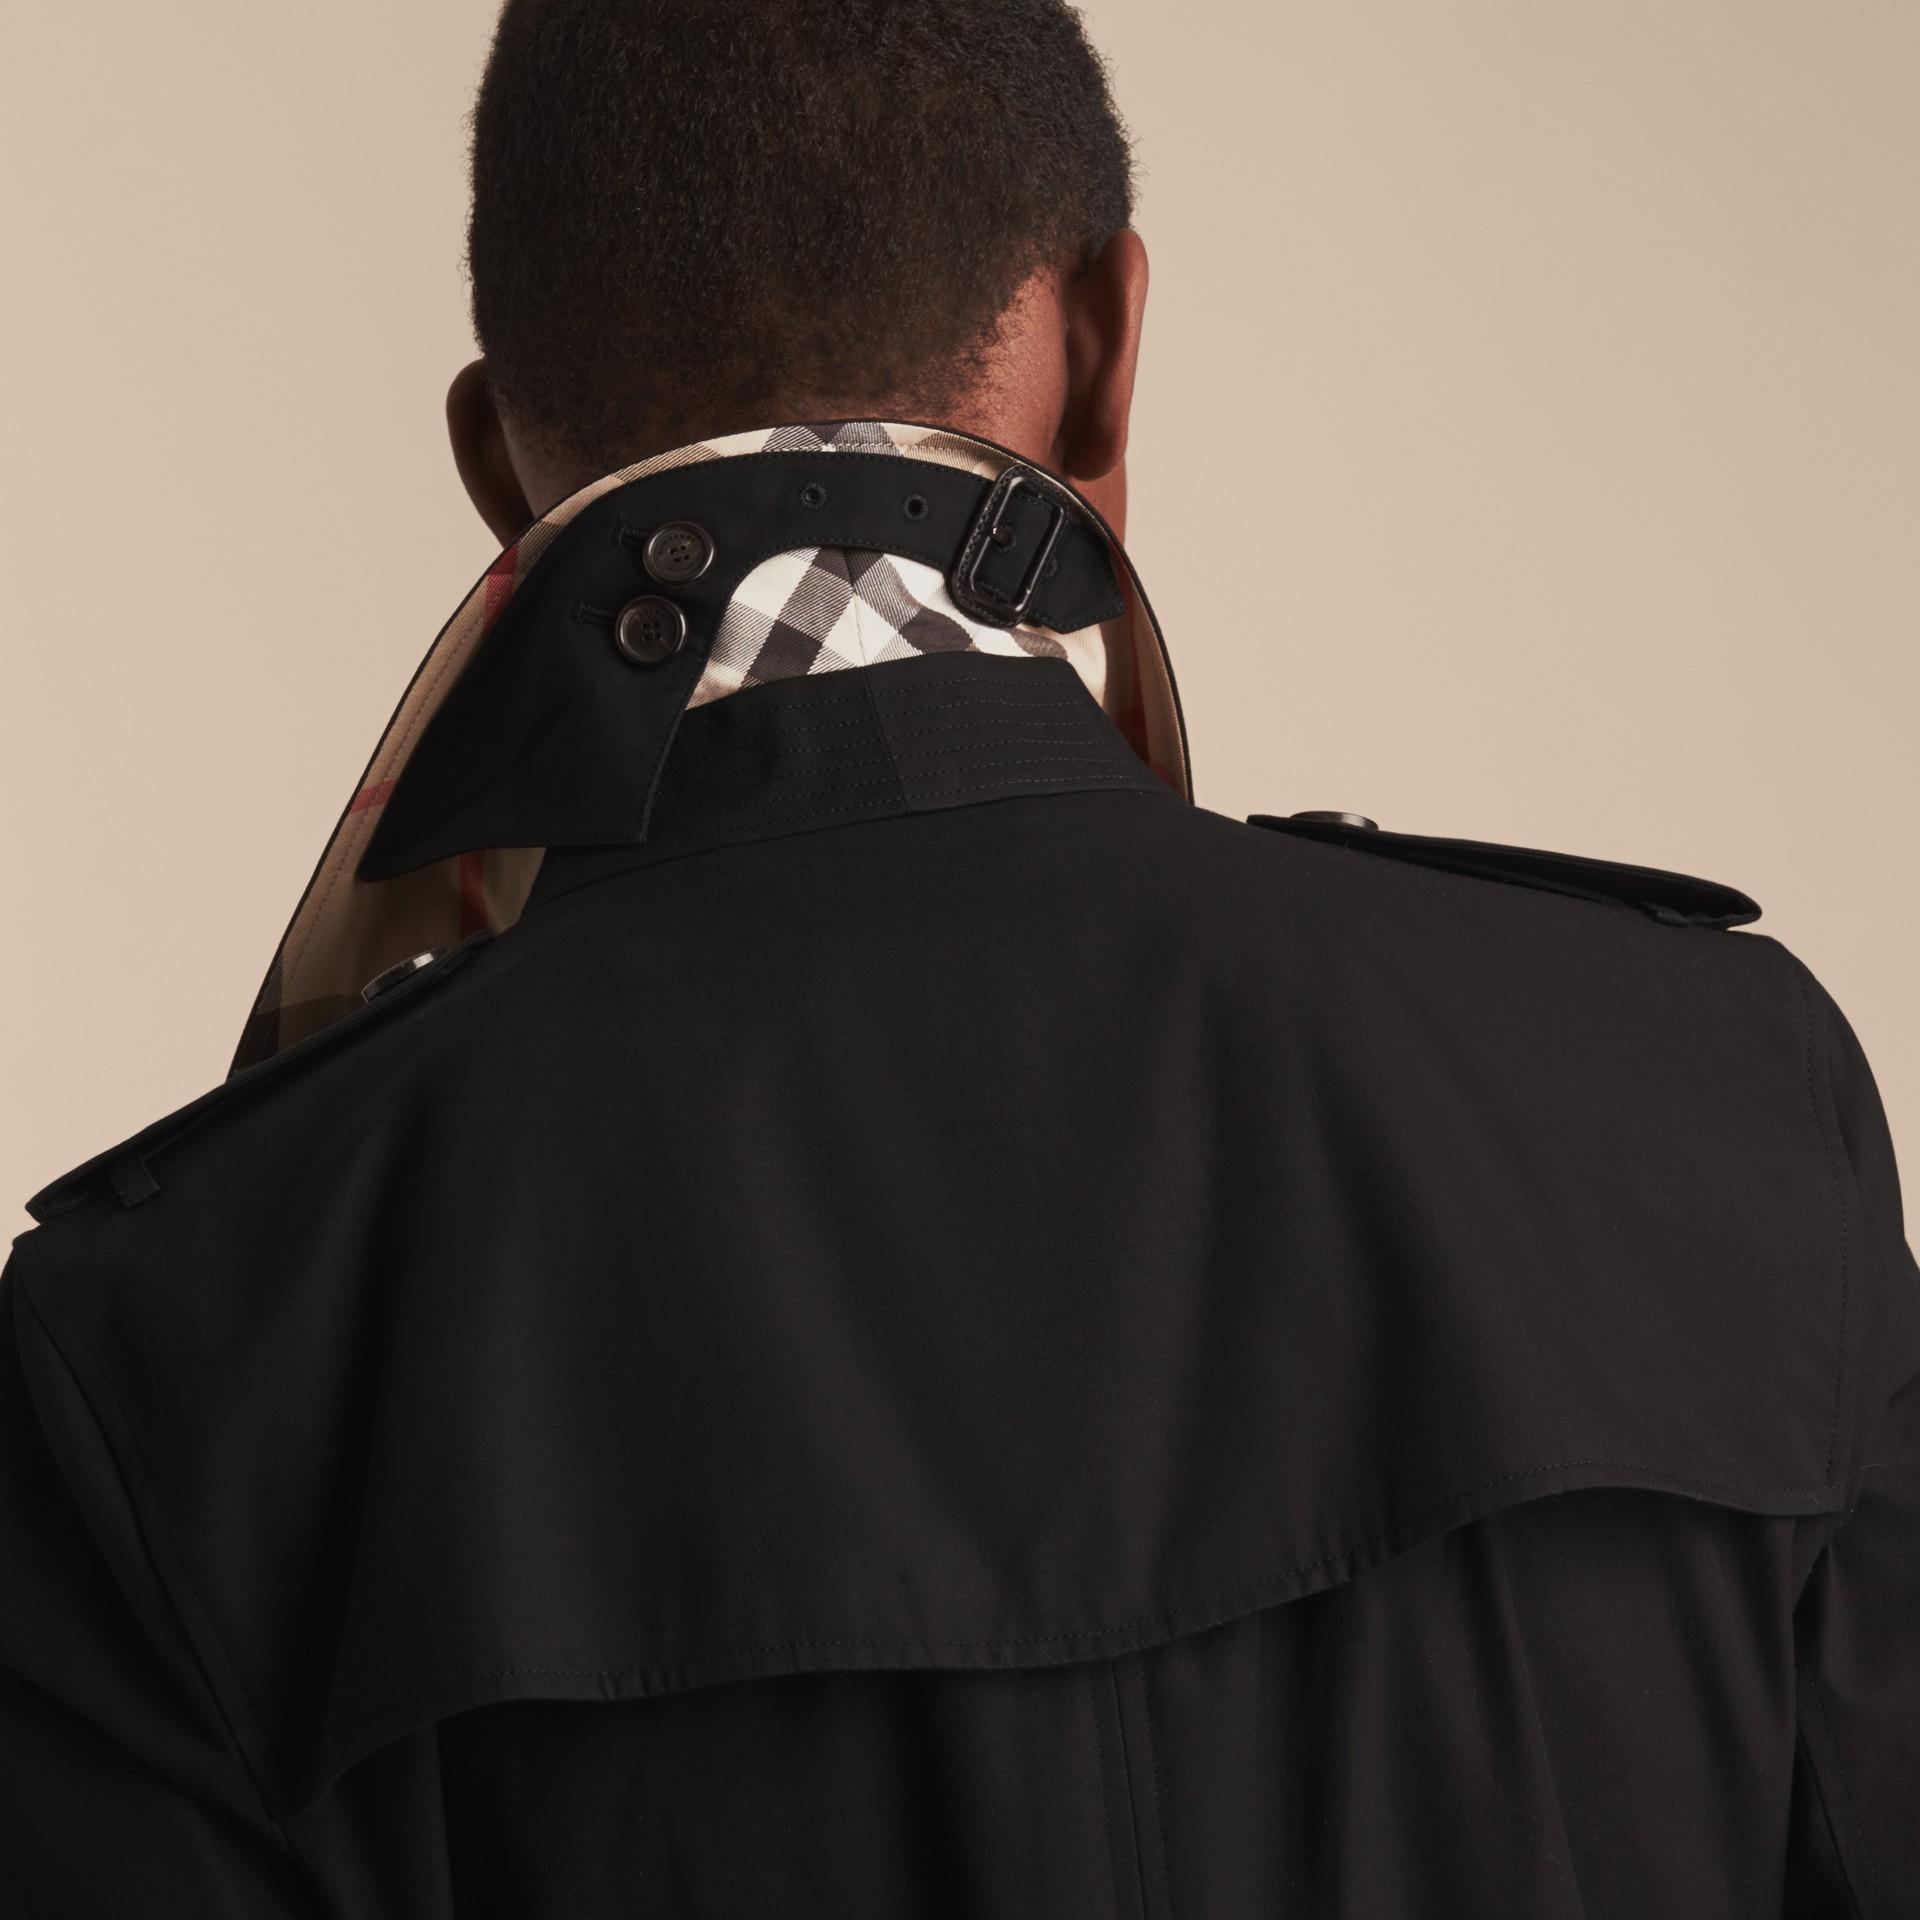 블랙 켄징턴 - 롱 헤리티지 트렌치코트 블랙 - 갤러리 이미지 8